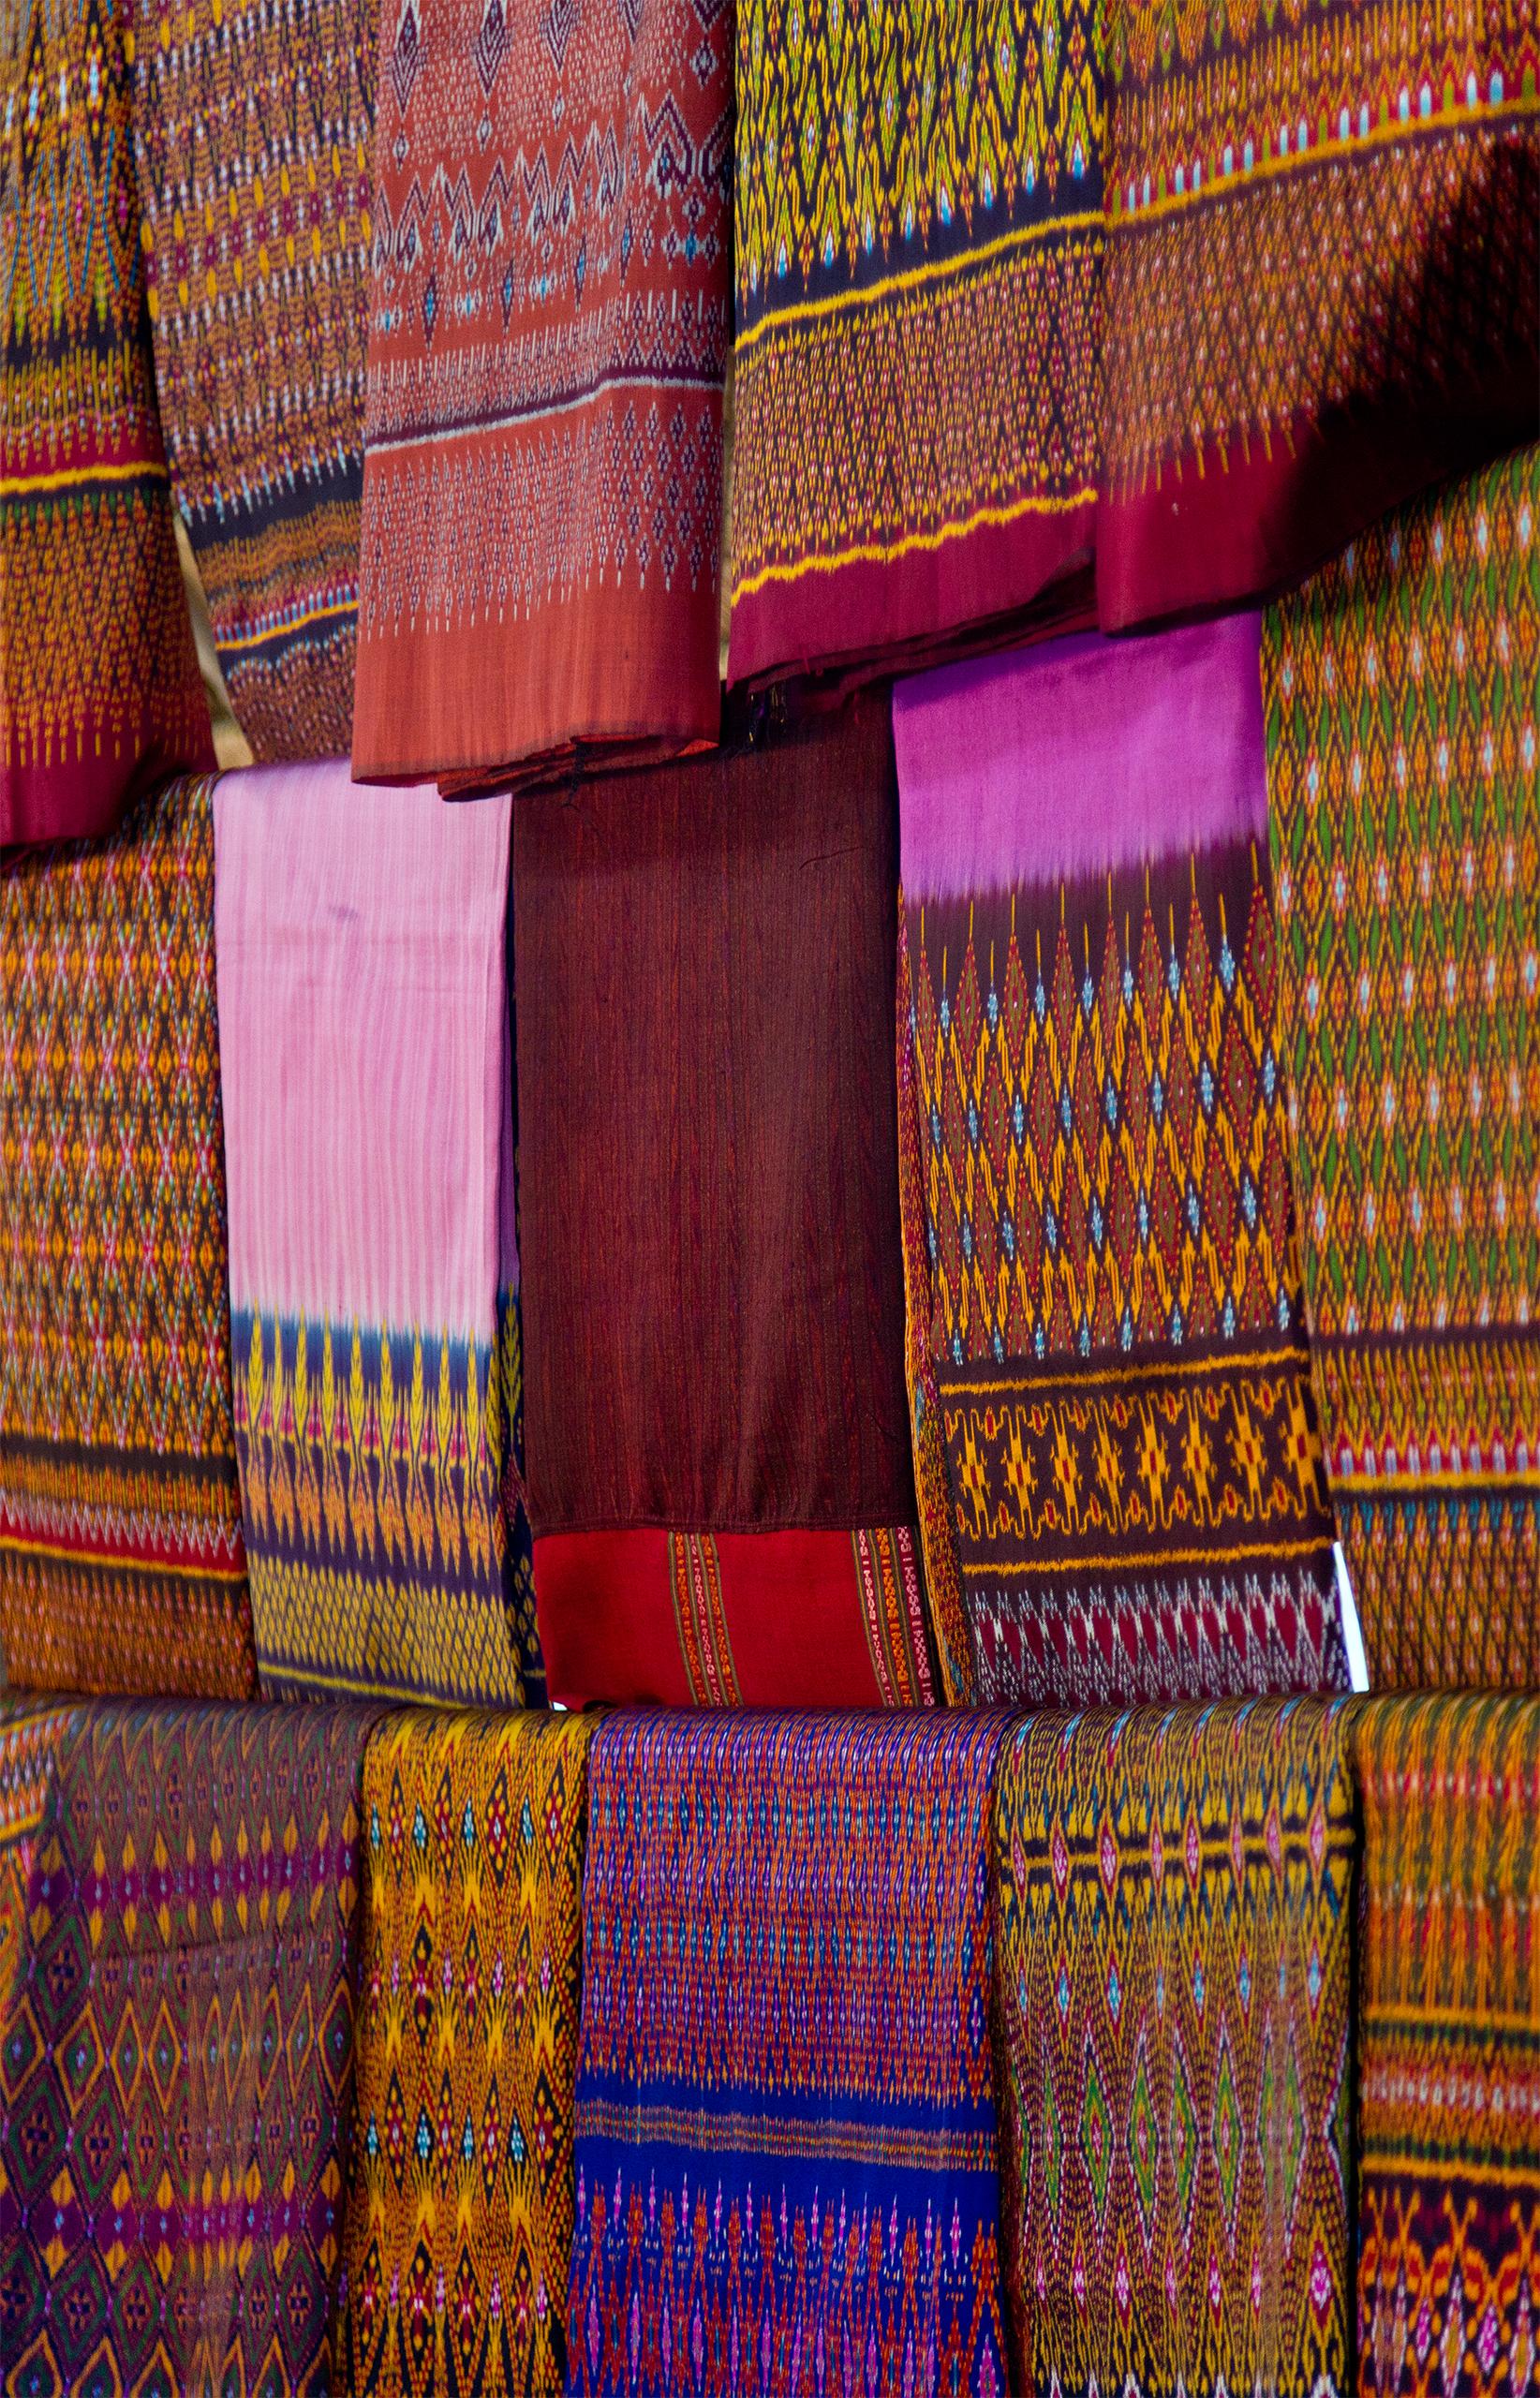 Sari Market